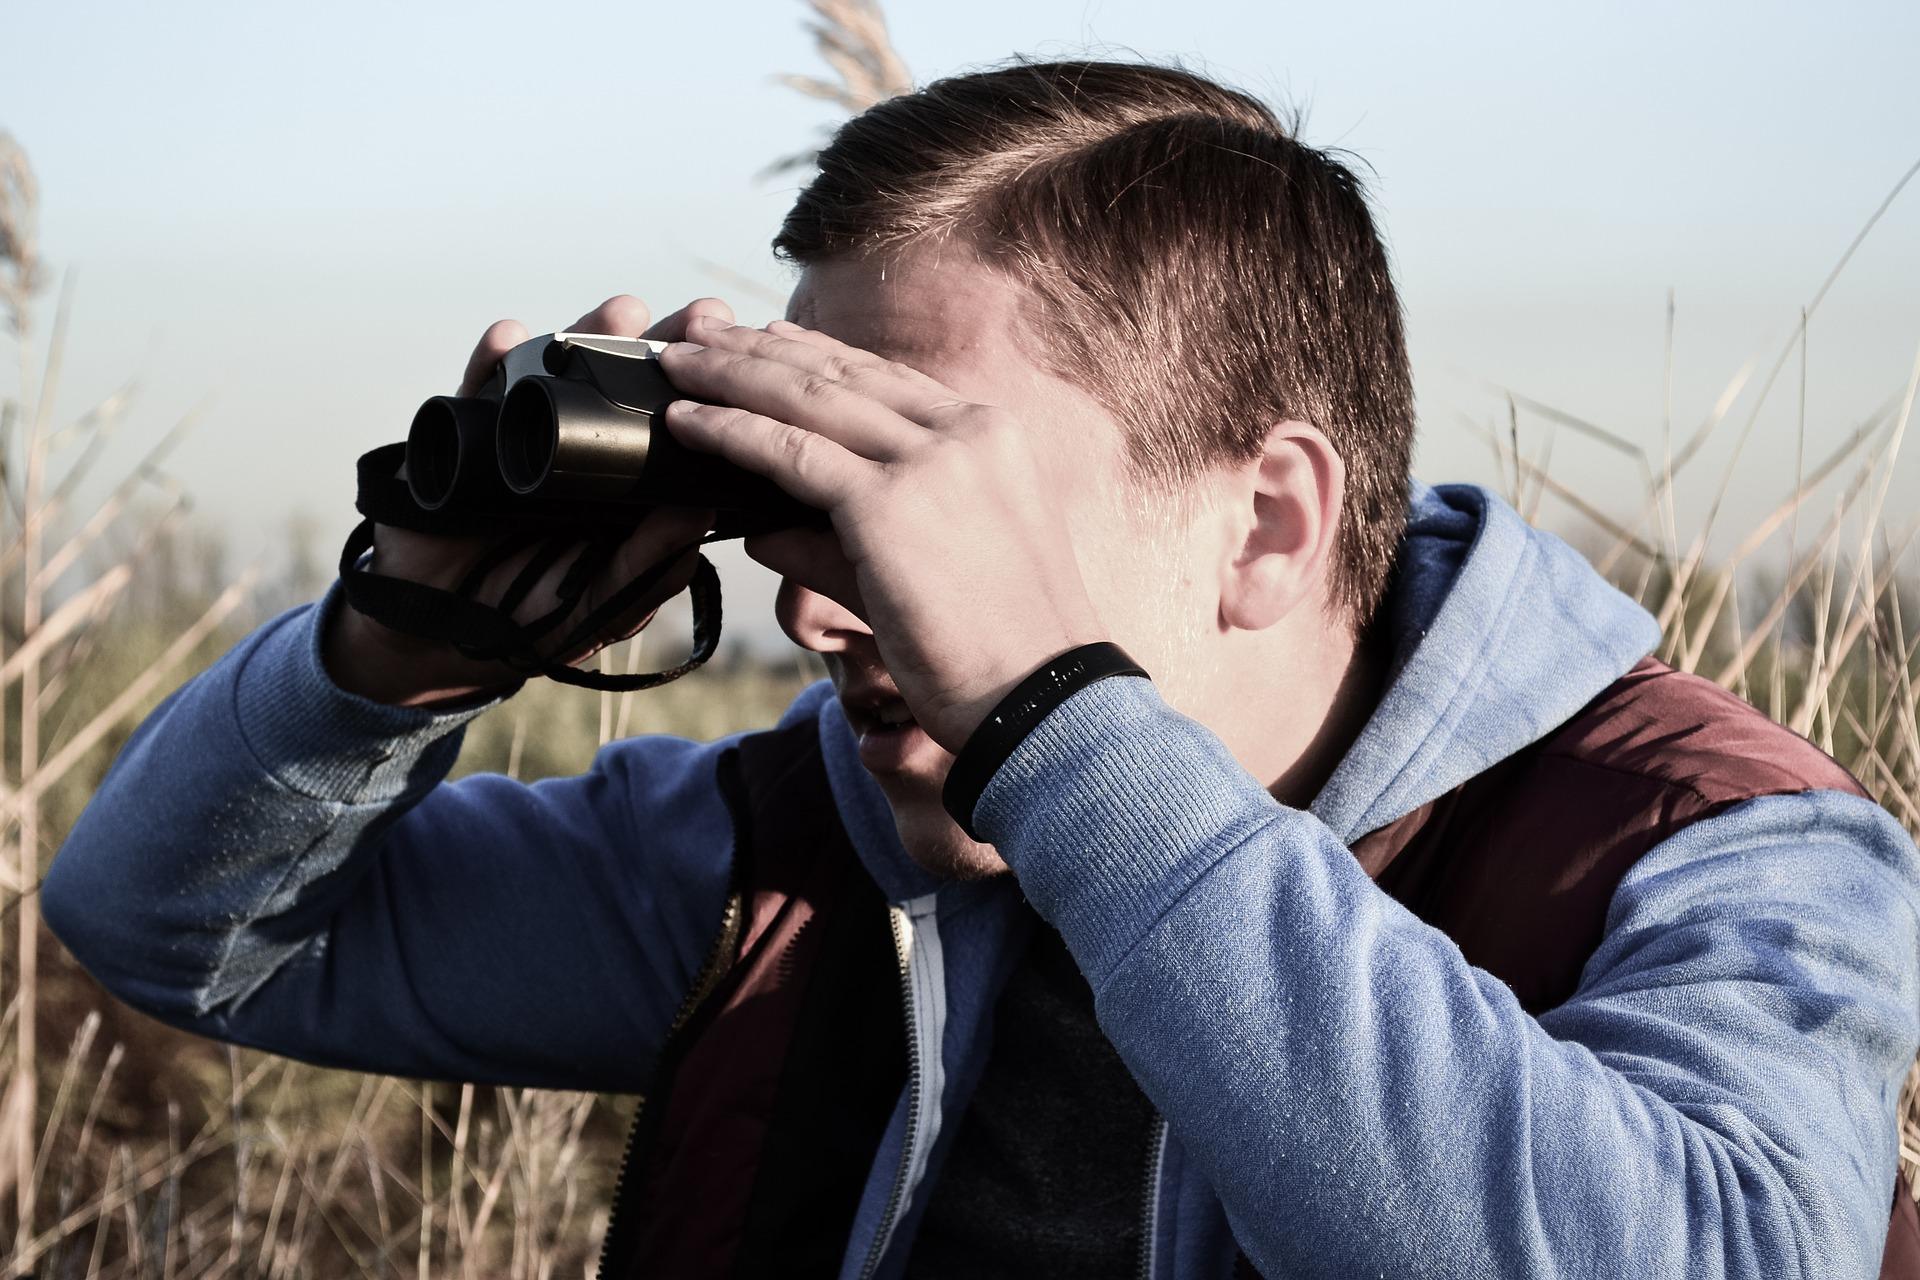 Detektiv bei der Observierung